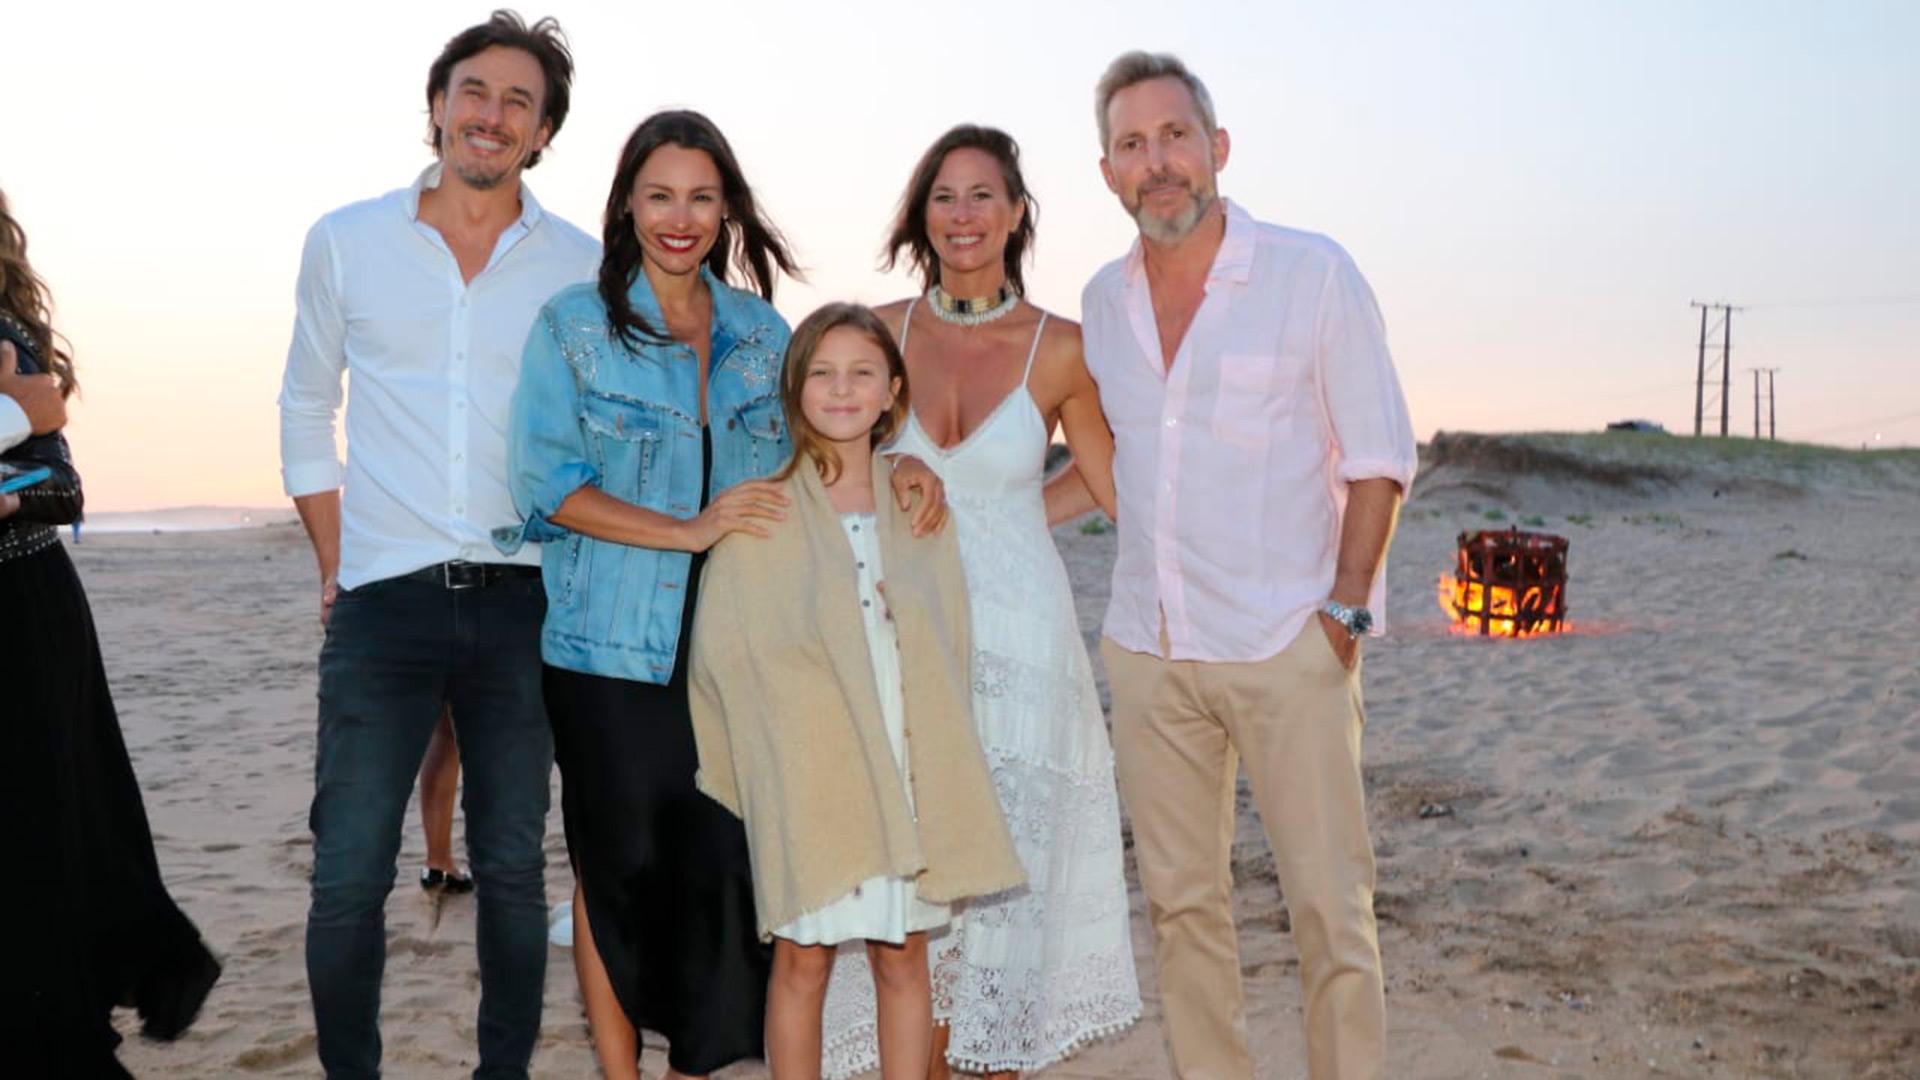 Pampita junto a su marido Roberto García Moritán, Rogelio Frigerio y Victoria Costoya durante el cumpleaños de la modelo y conductora de televisión, quien lejos de los vestidos ajustados, eligió uno suelto y se abrigó con una campera de jean